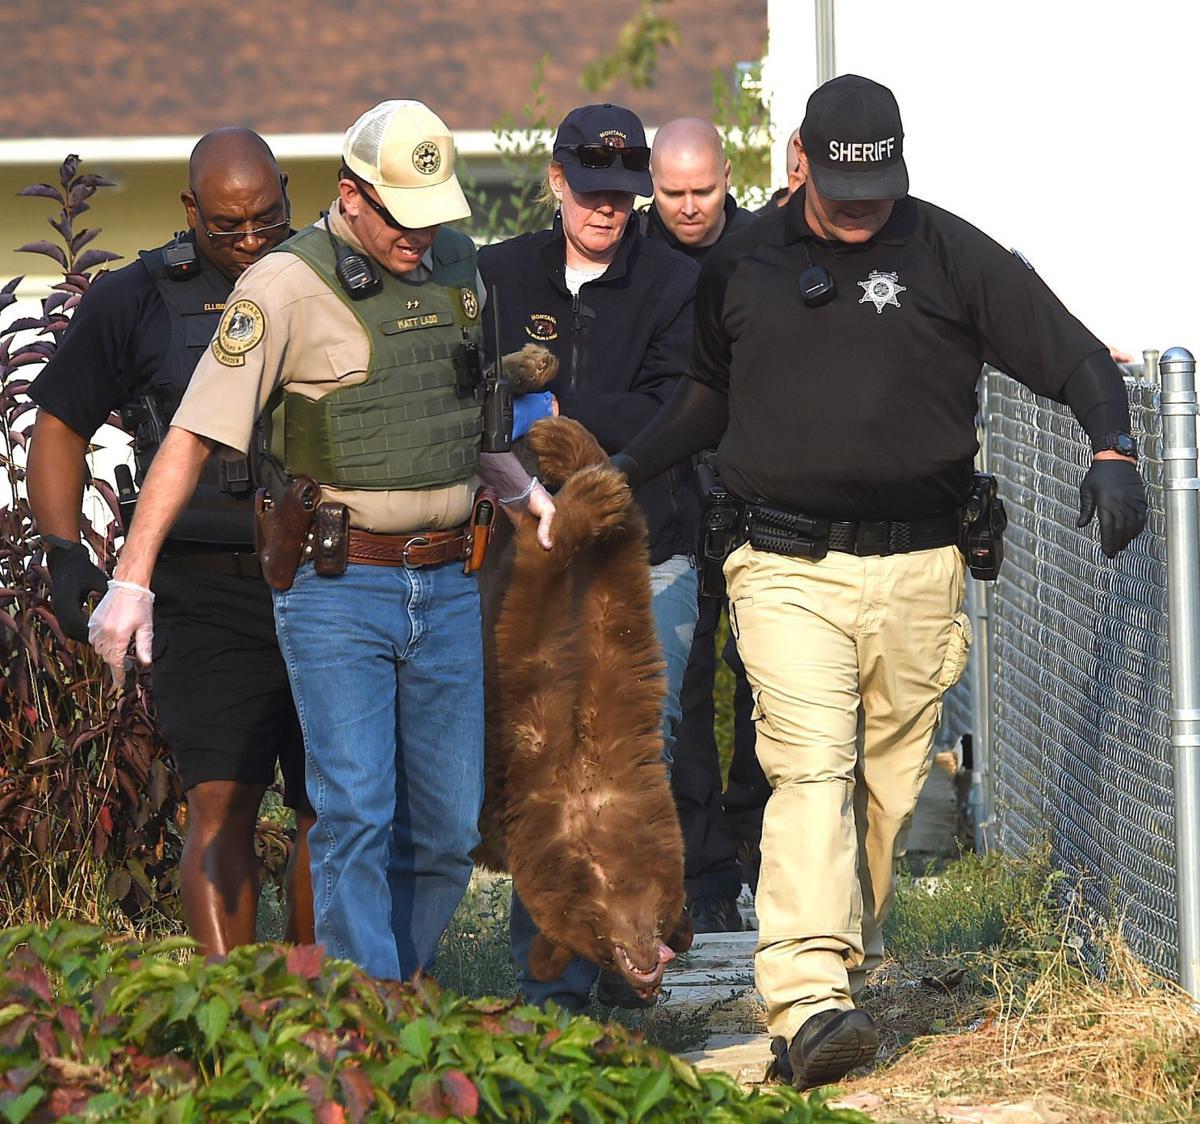 Bear carry